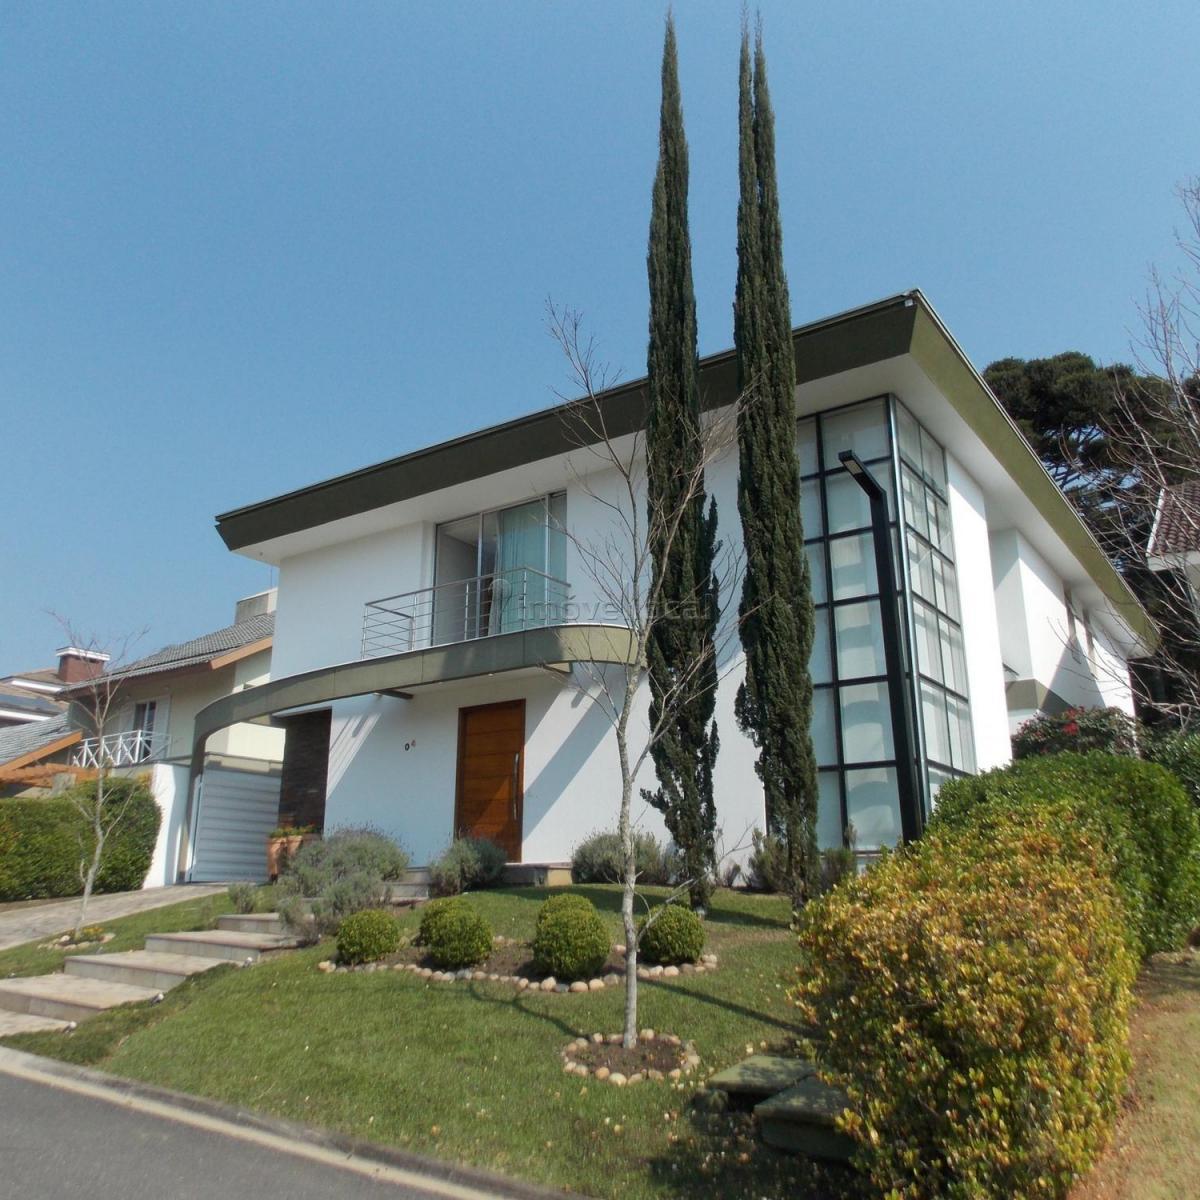 http://www.infocenterhost2.com.br/crm/fotosimovel/437973/103589339-casa-em-condominio-curitiba-campo-comprido.jpg